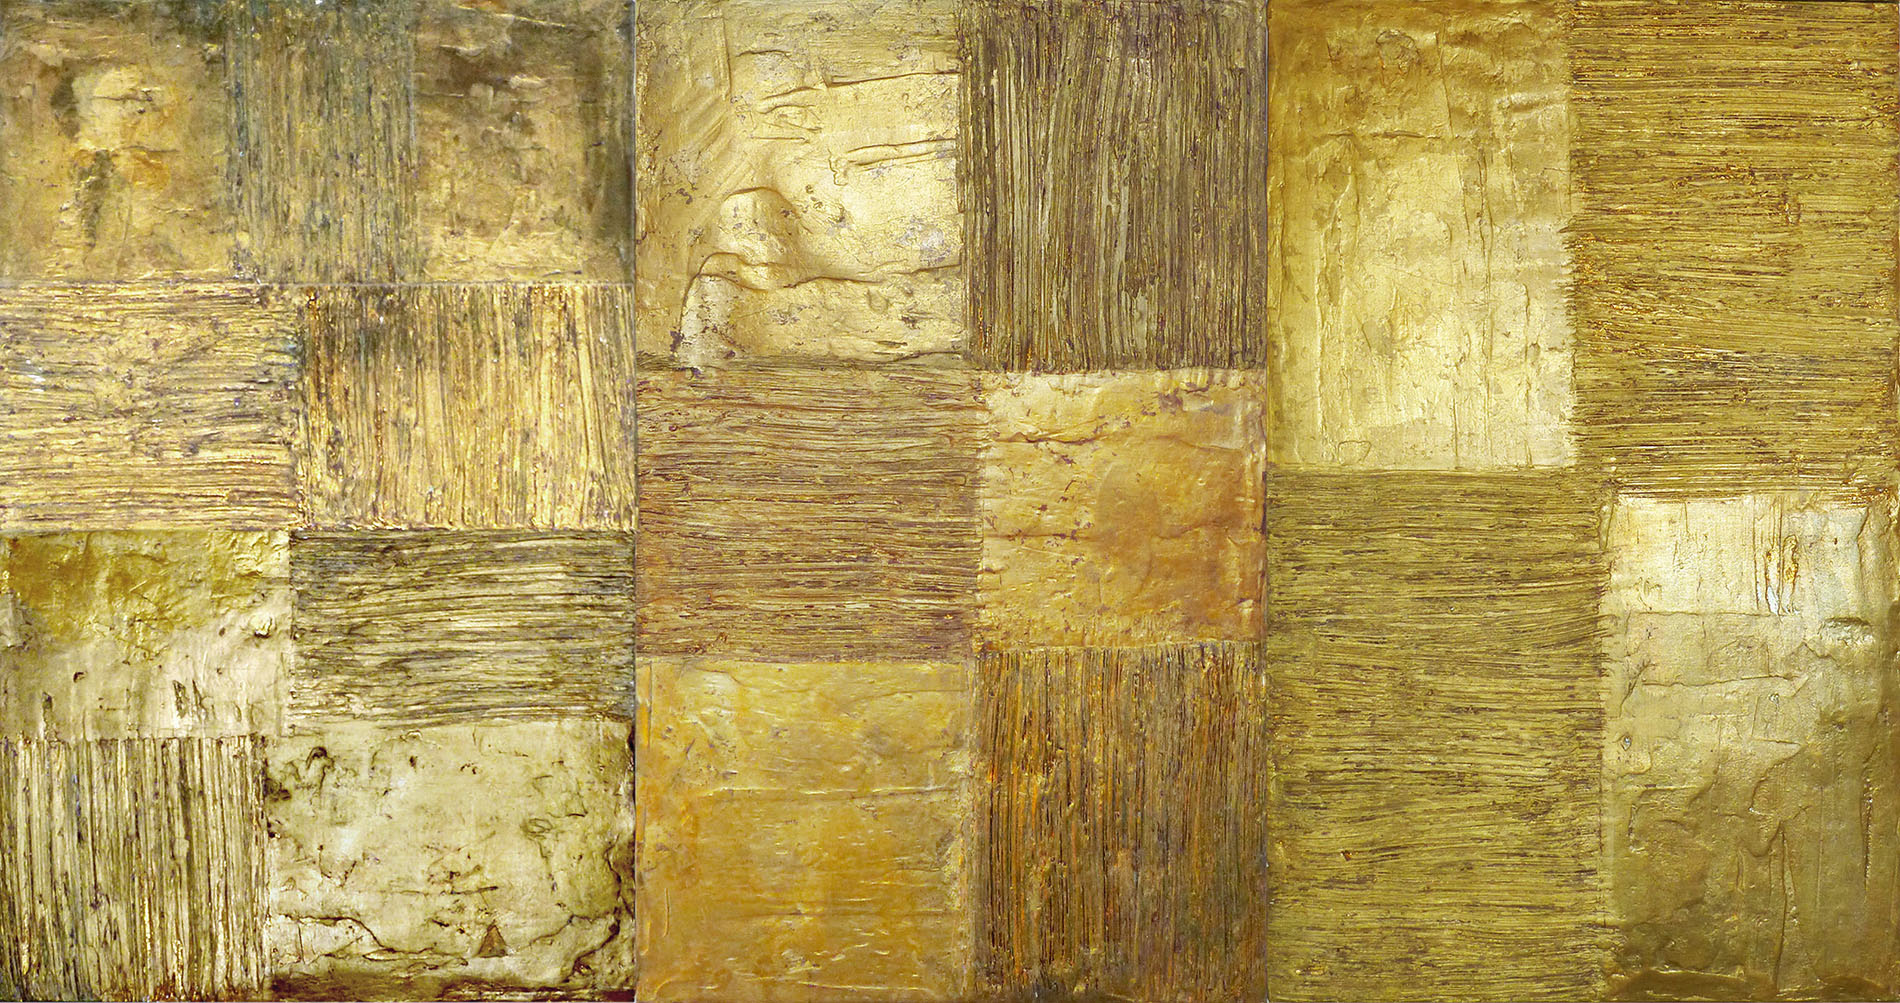 Trittico oro 2013 Residenza private Gesso modellato su multistrato. Colorazione oro. 60x80 cad